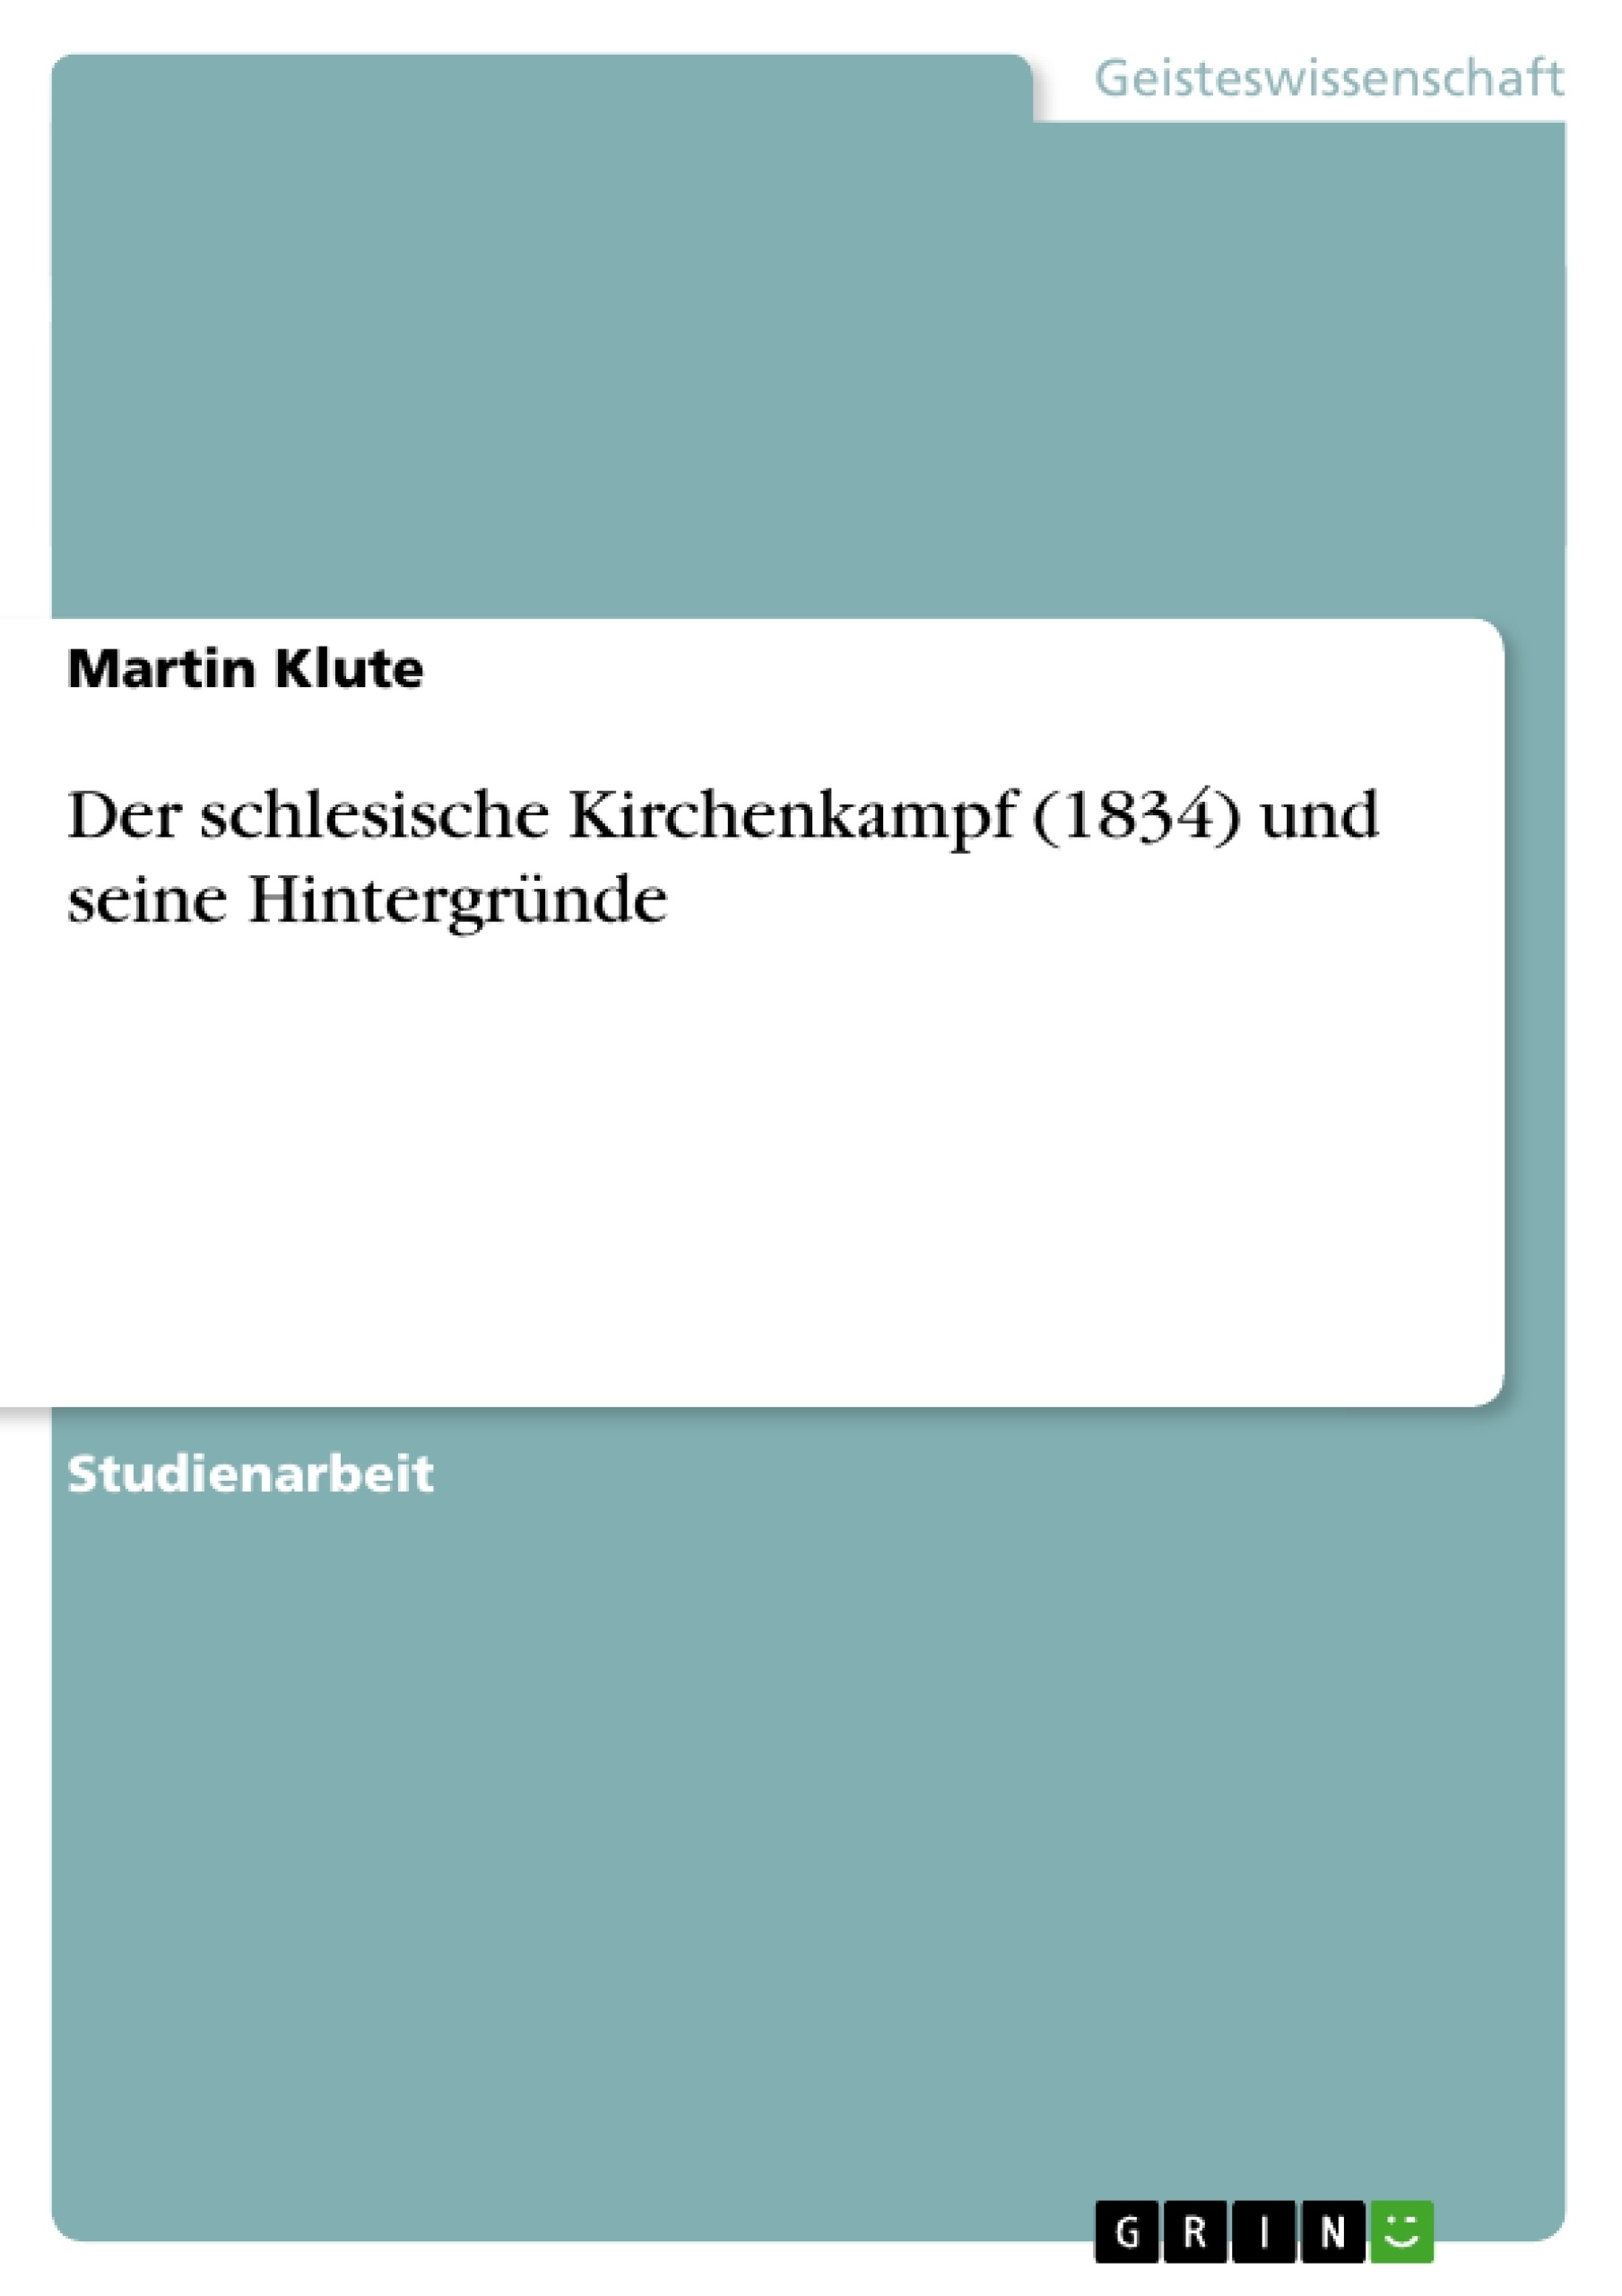 Titel: Der schlesische Kirchenkampf (1834) und seine Hintergründe